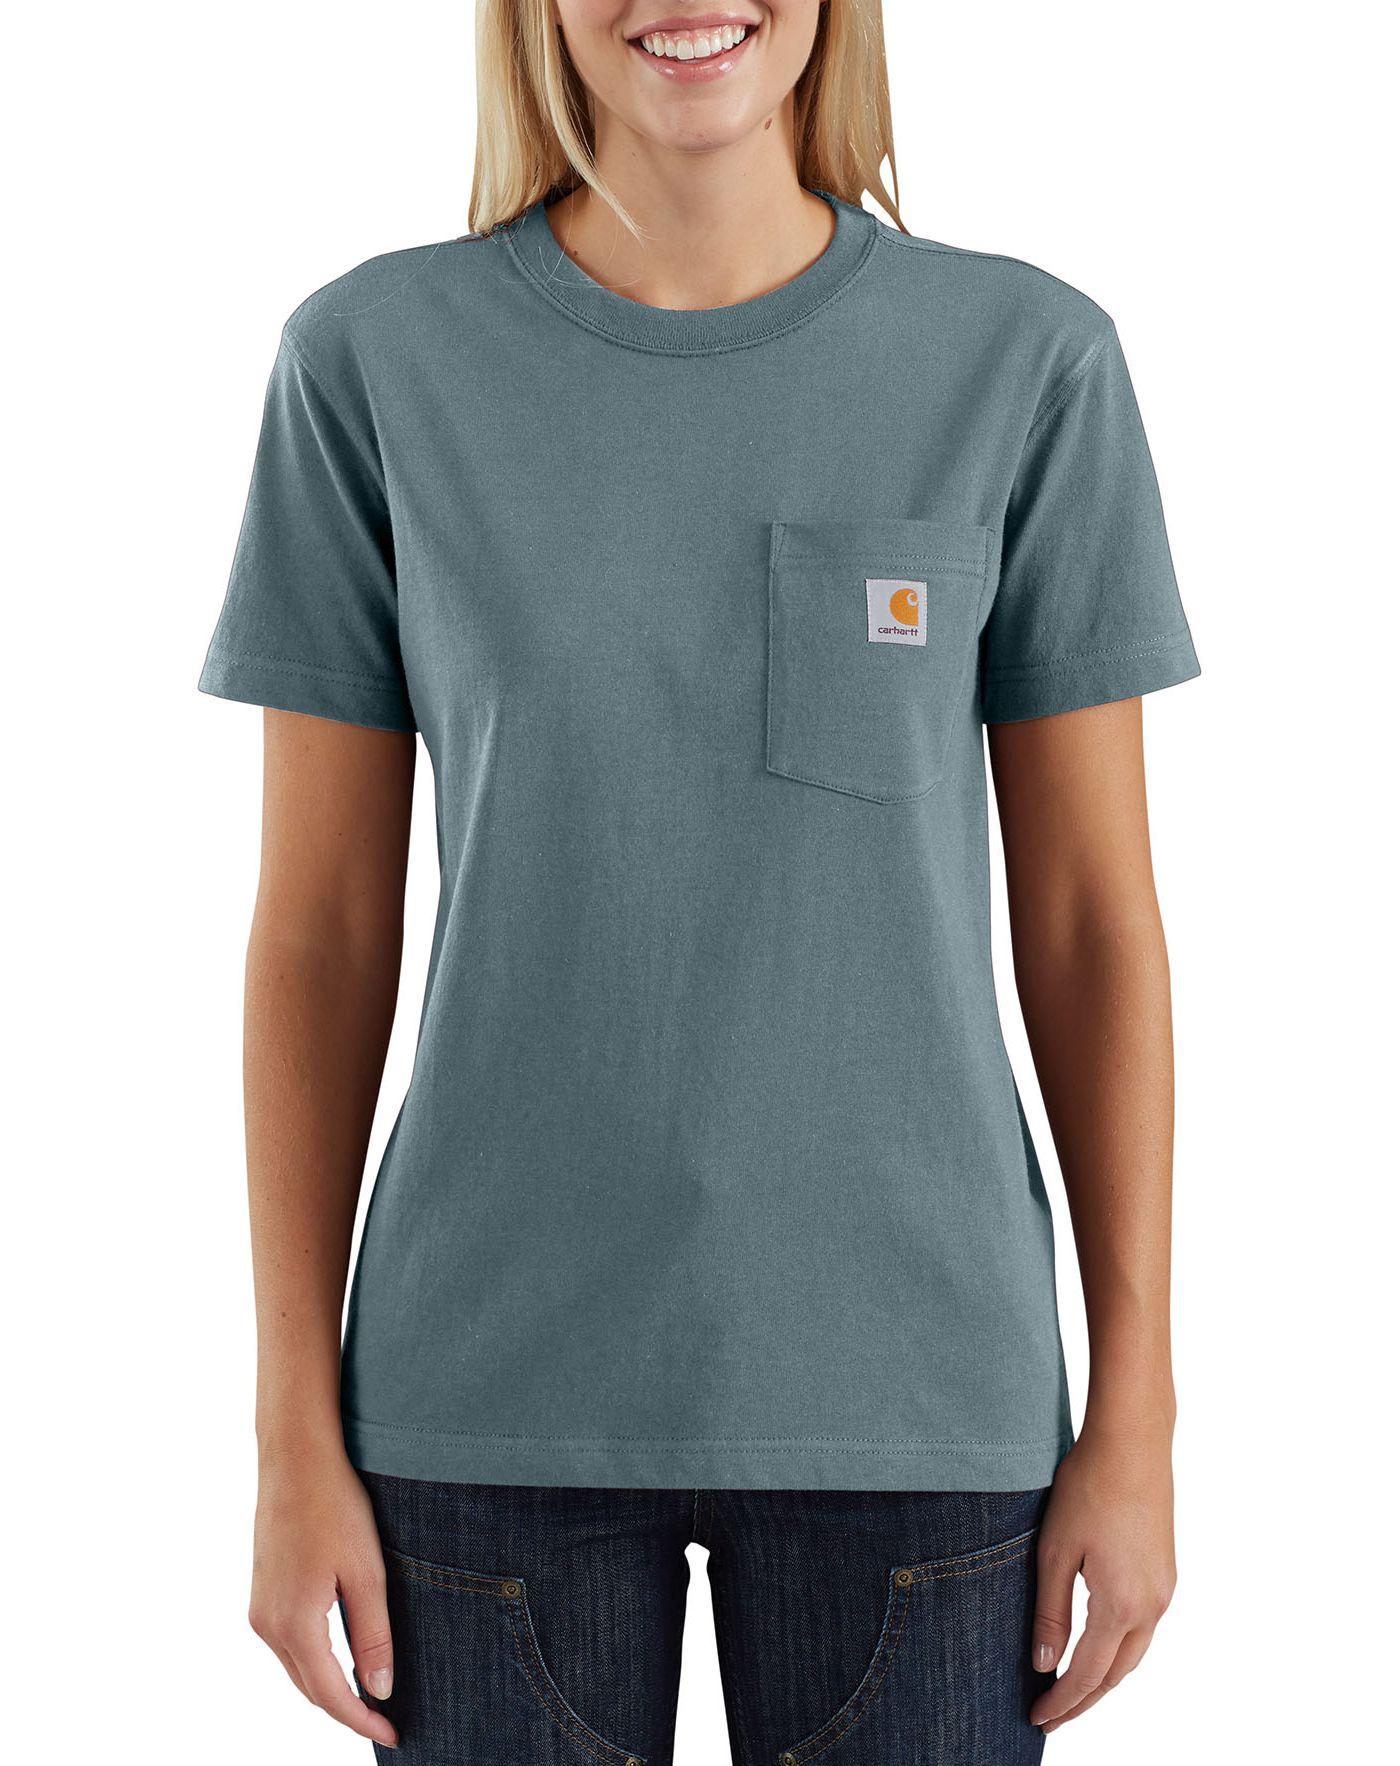 Carhartt Women's Workwear Pocket T-Shirt